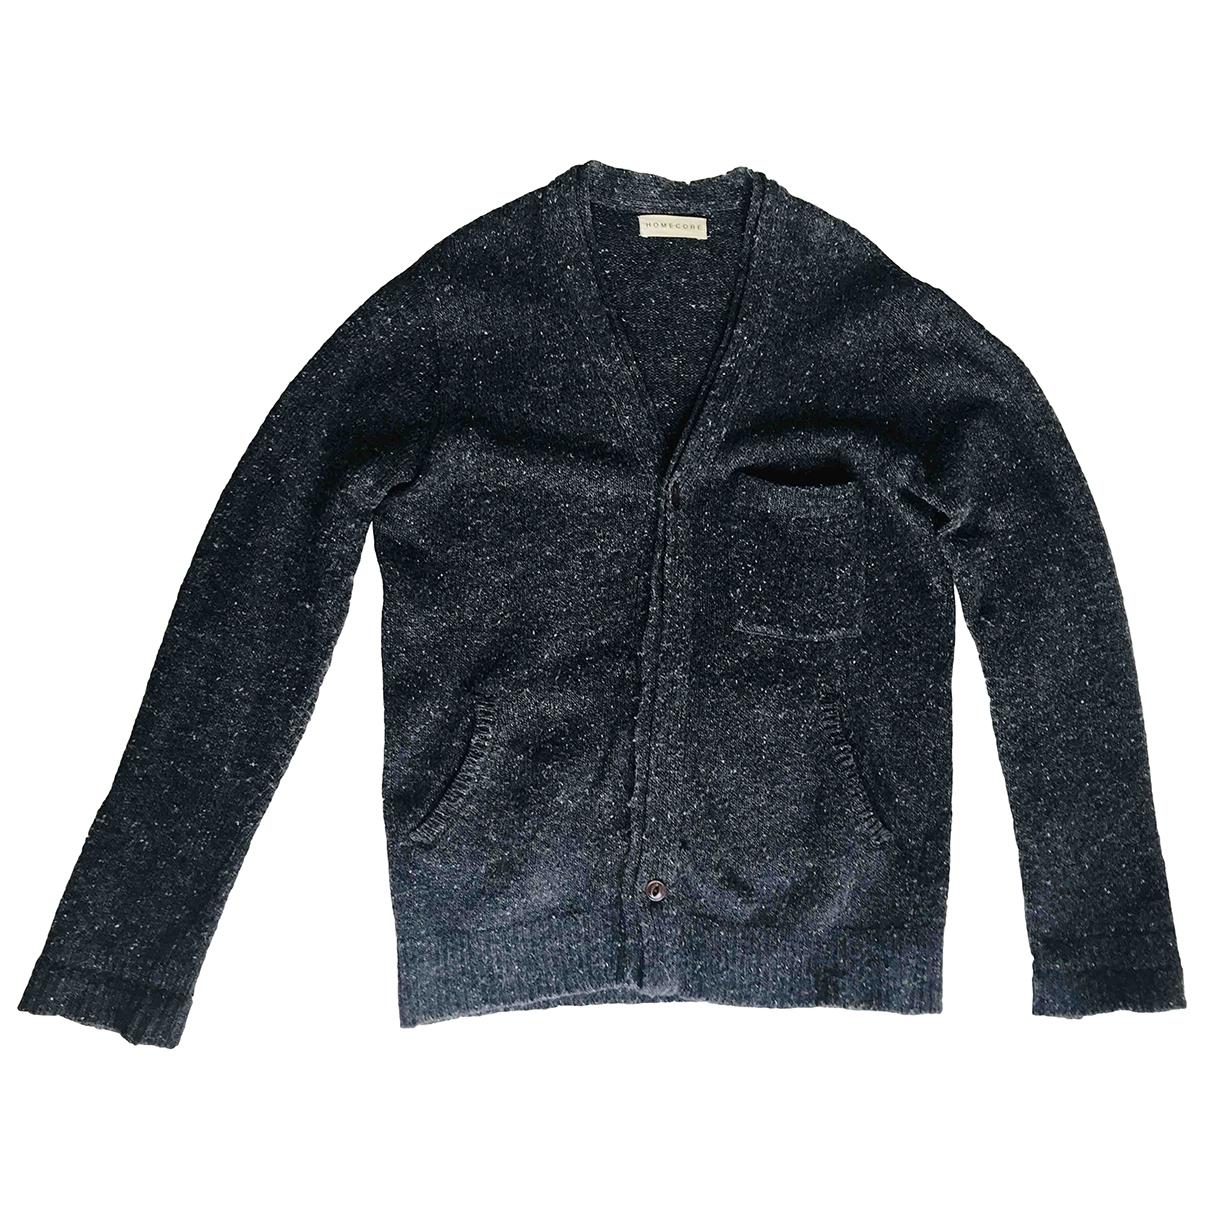 Homecore - Pulls.Gilets.Sweats   pour homme en laine - anthracite